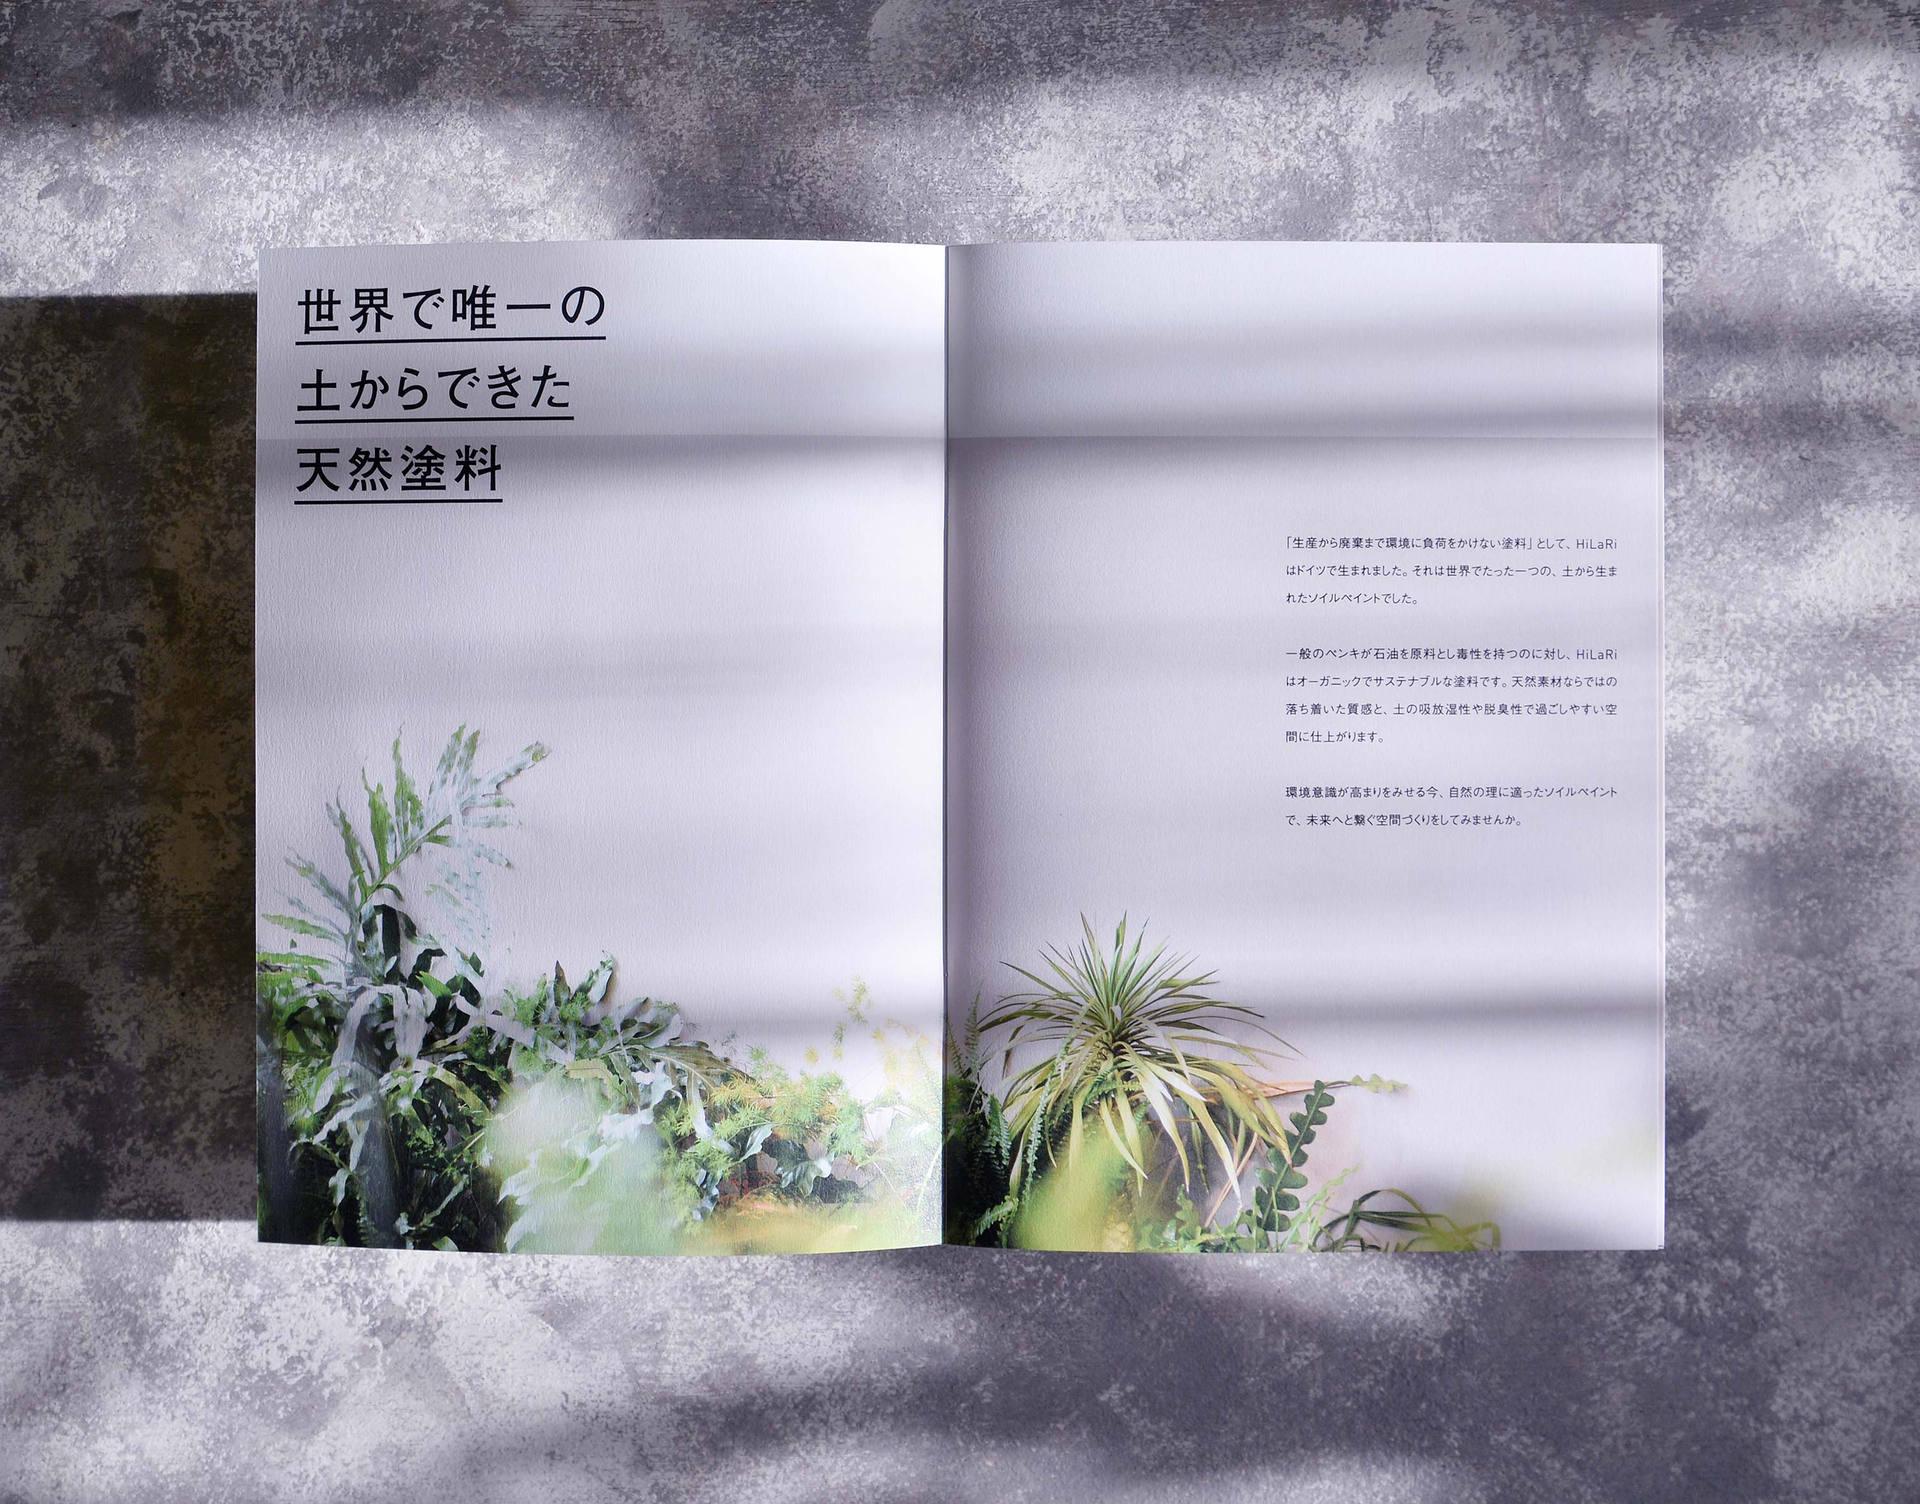 HiLaRi カタログ